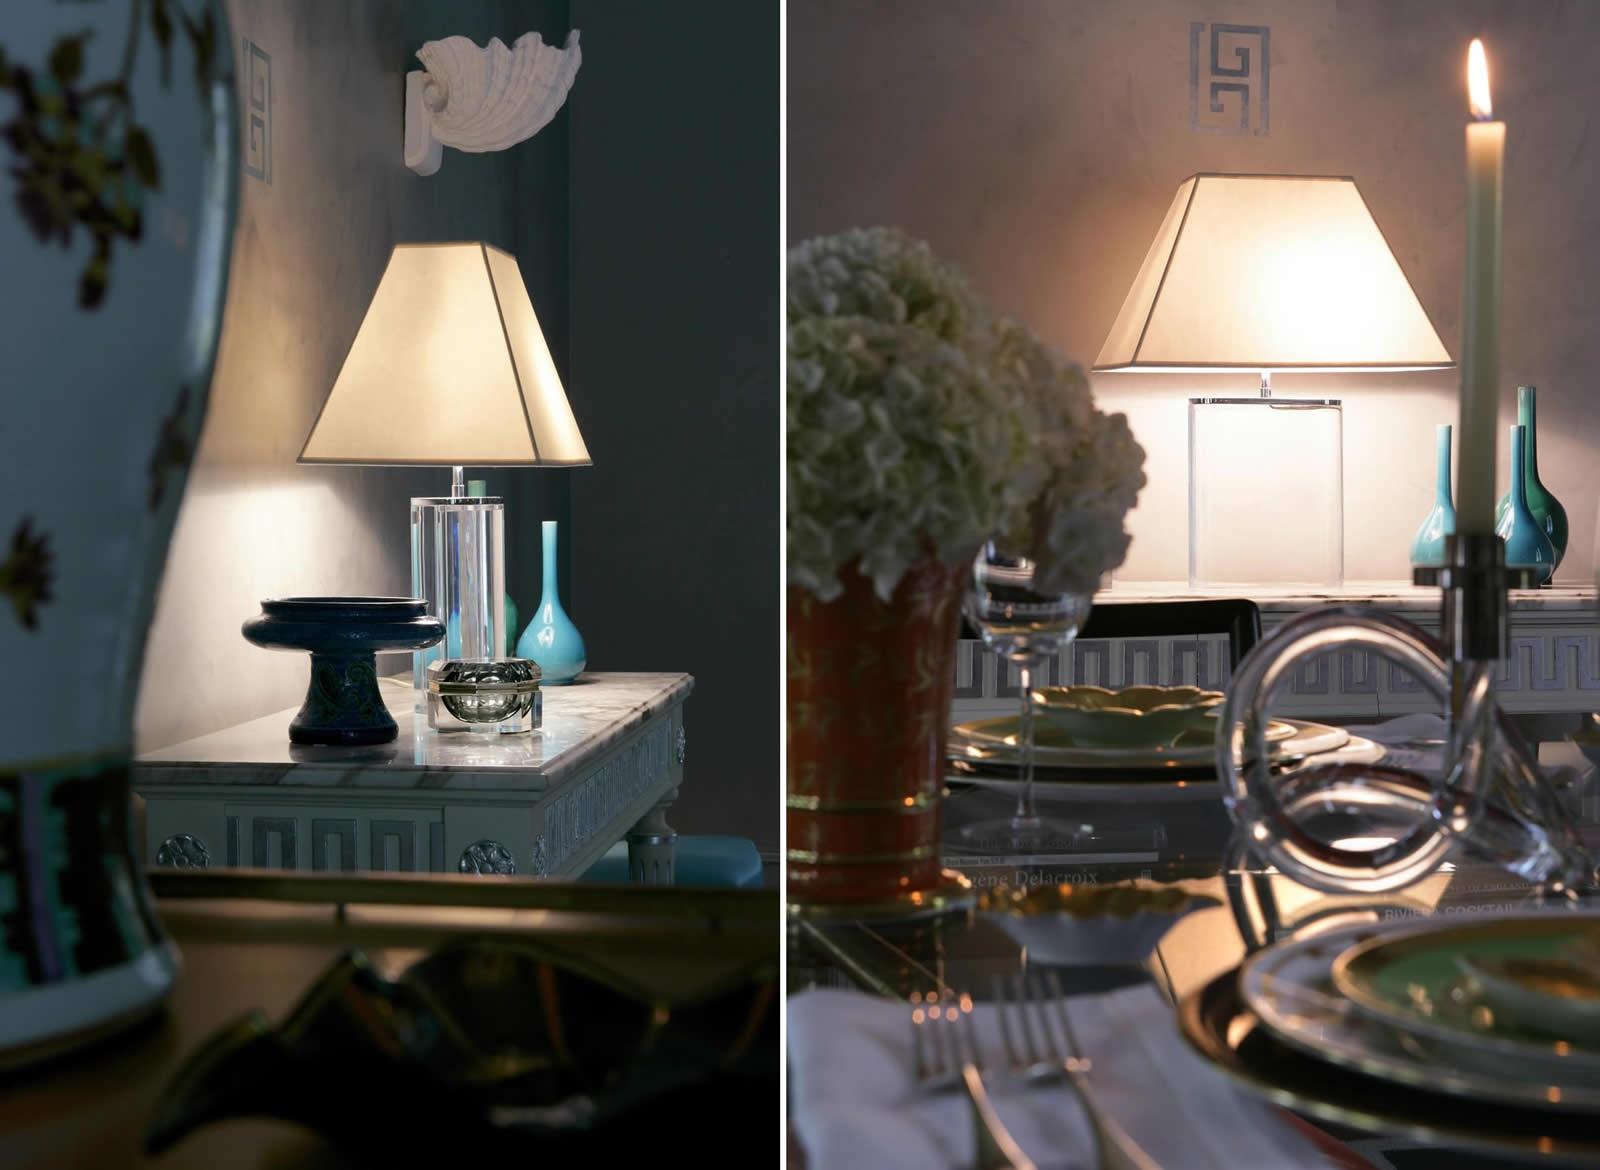 07_Hamptons_Dining_Room_8-9.jpg